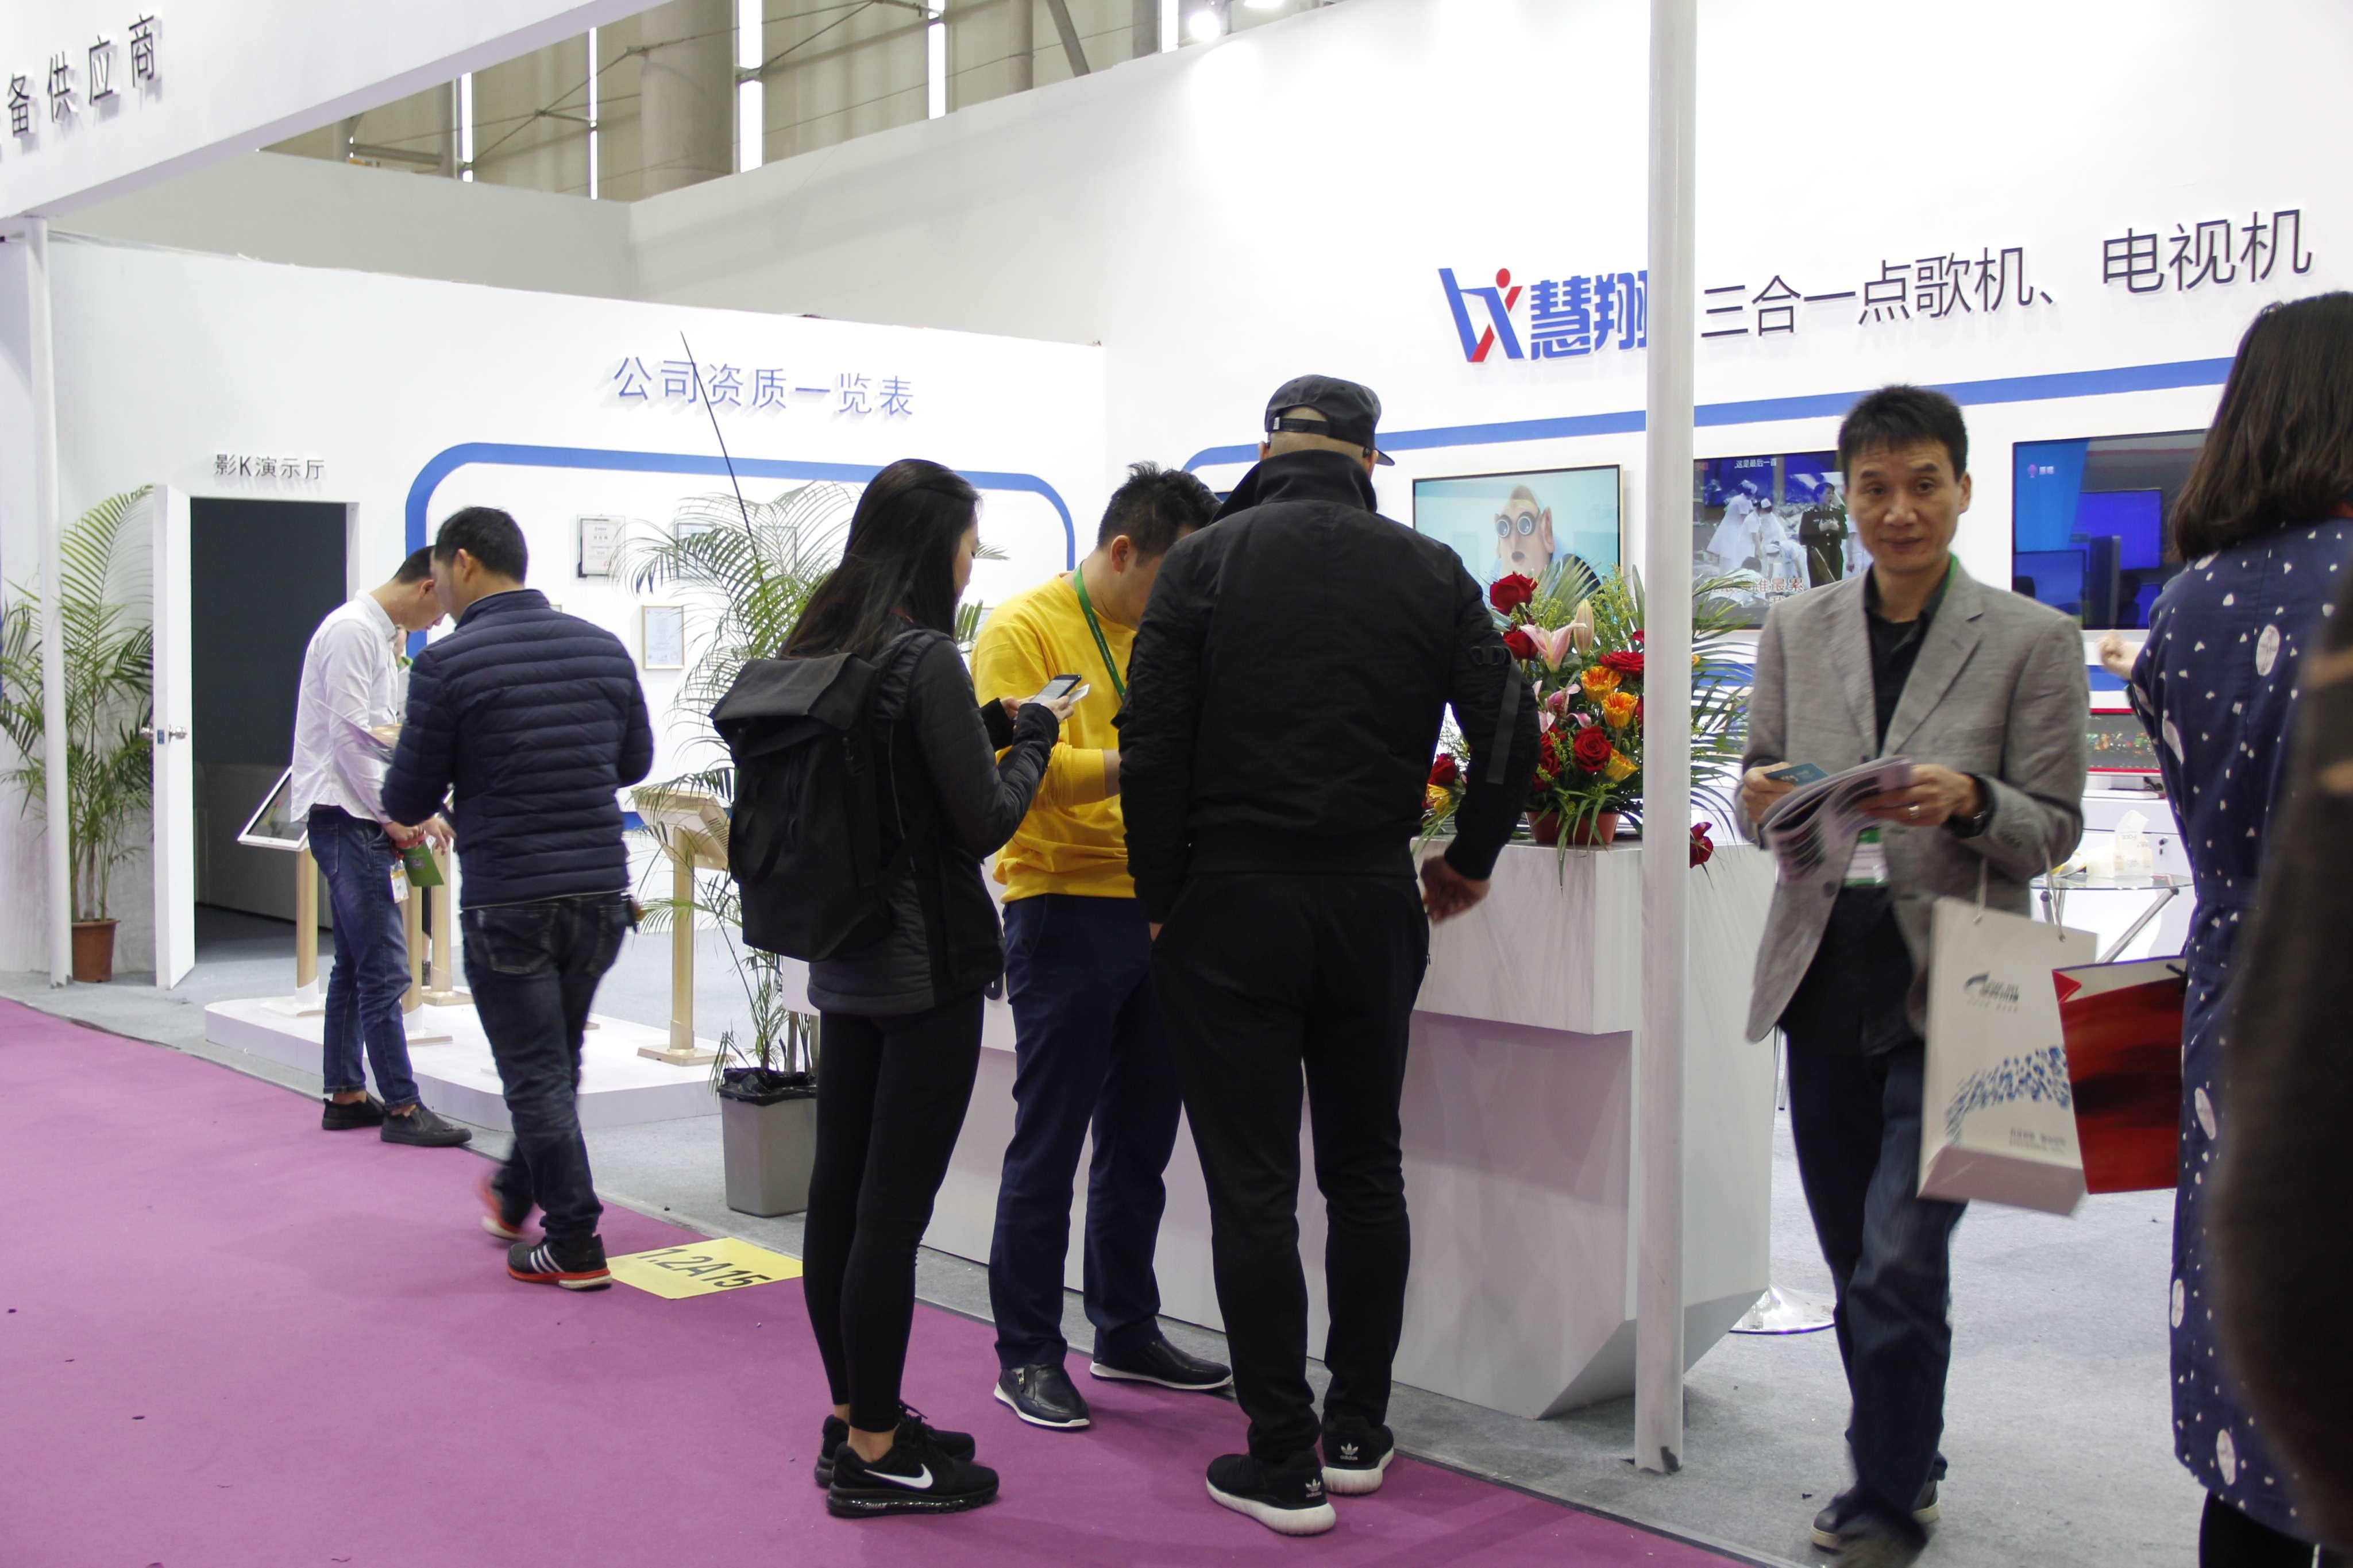 2017年广州琶洲展会